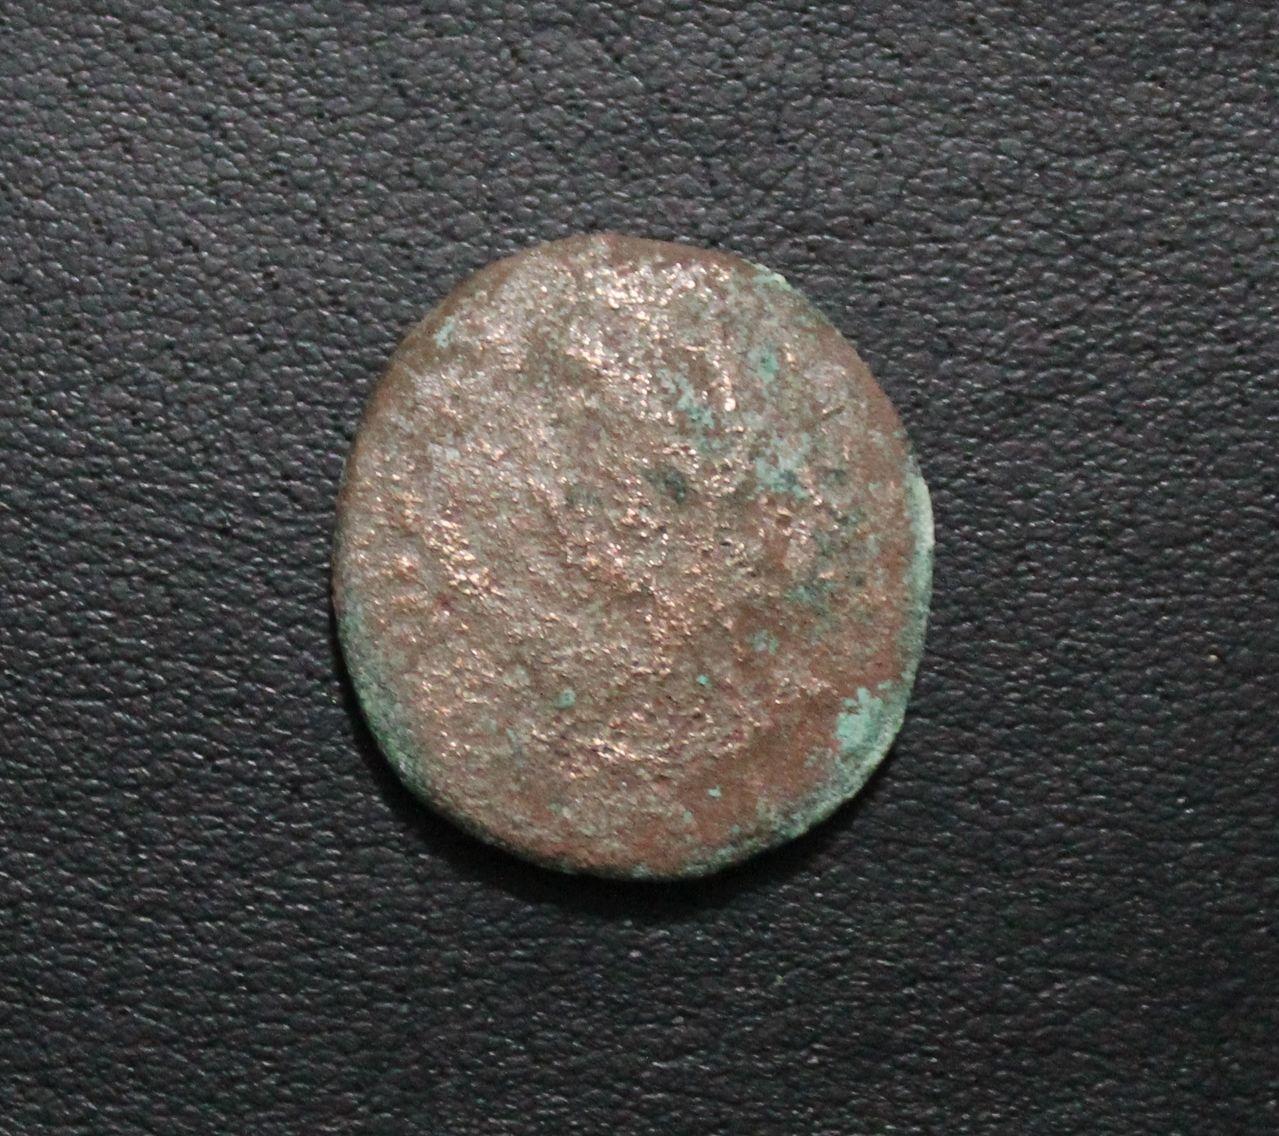 AE25 de la Rebelión de Bar Kojba. Judea. 132-135 d.C. 3_6h